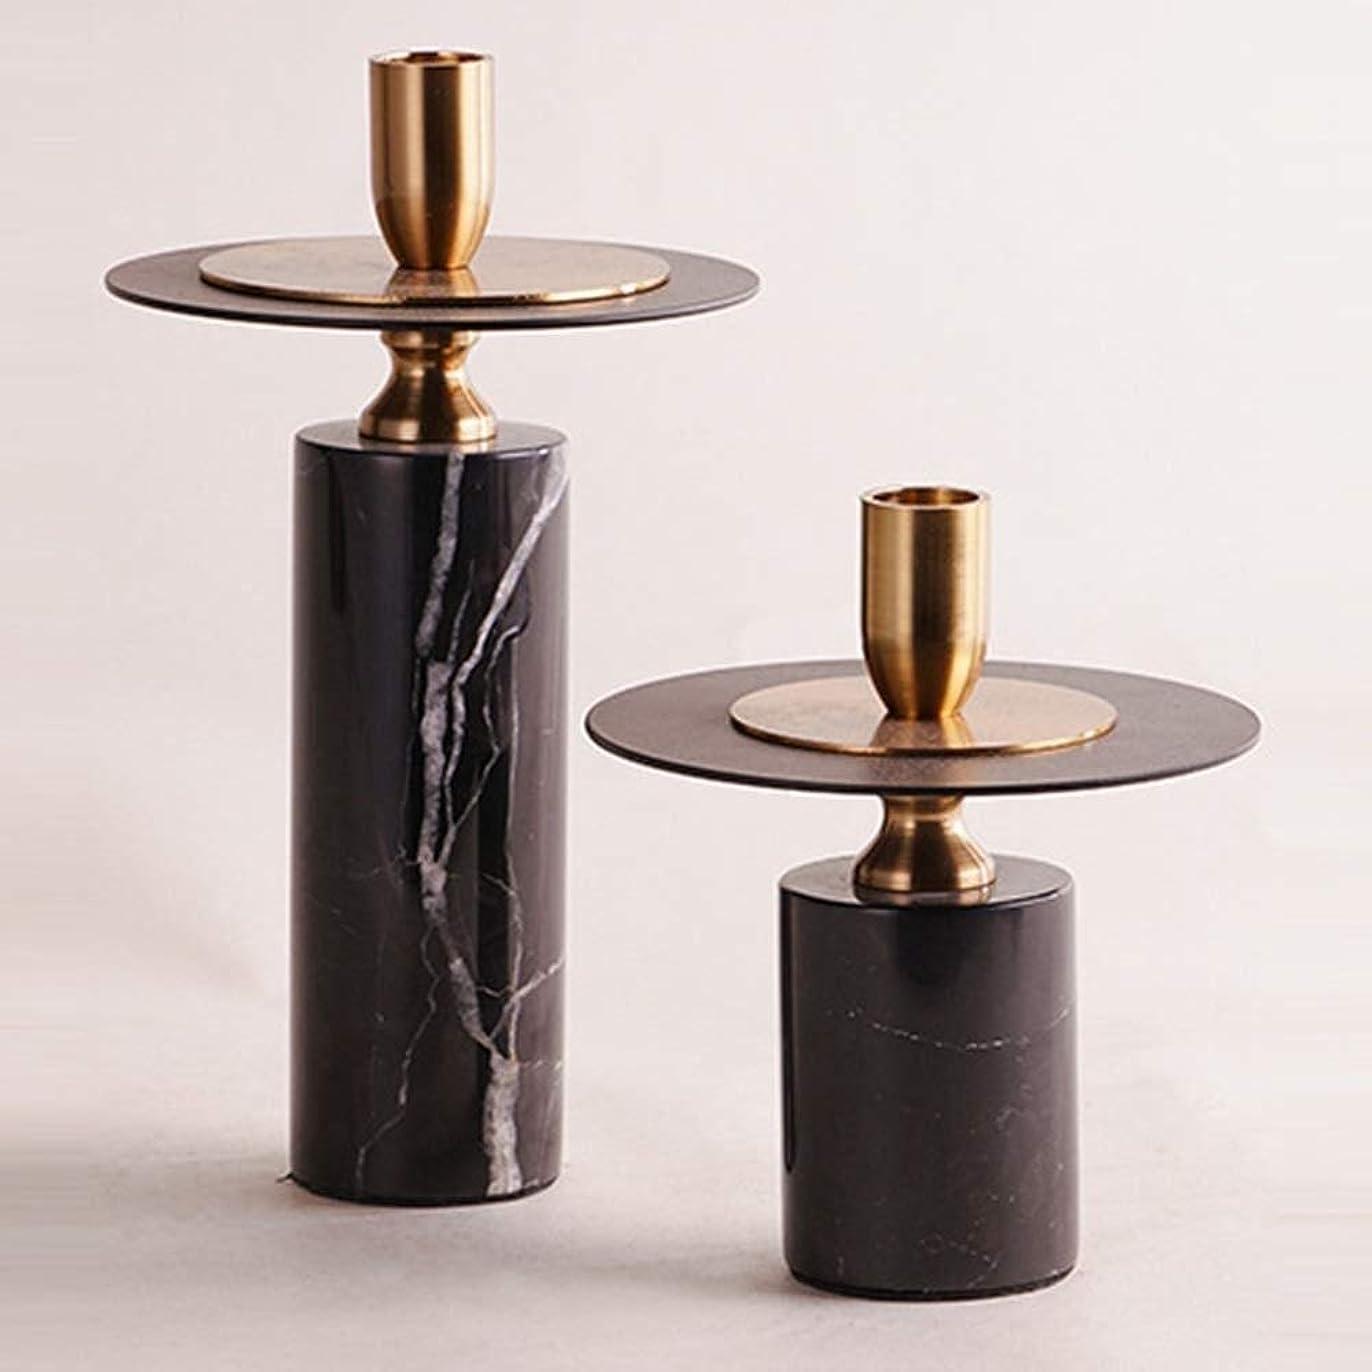 ワードローブ司令官全体Gang-LL 部屋モデルジオメトリのキャンドルホルダー装飾スタイリッシュで美しい生活を金属燭台の結婚式の樹脂工芸品とのヨーロピアンスタイルの大理石